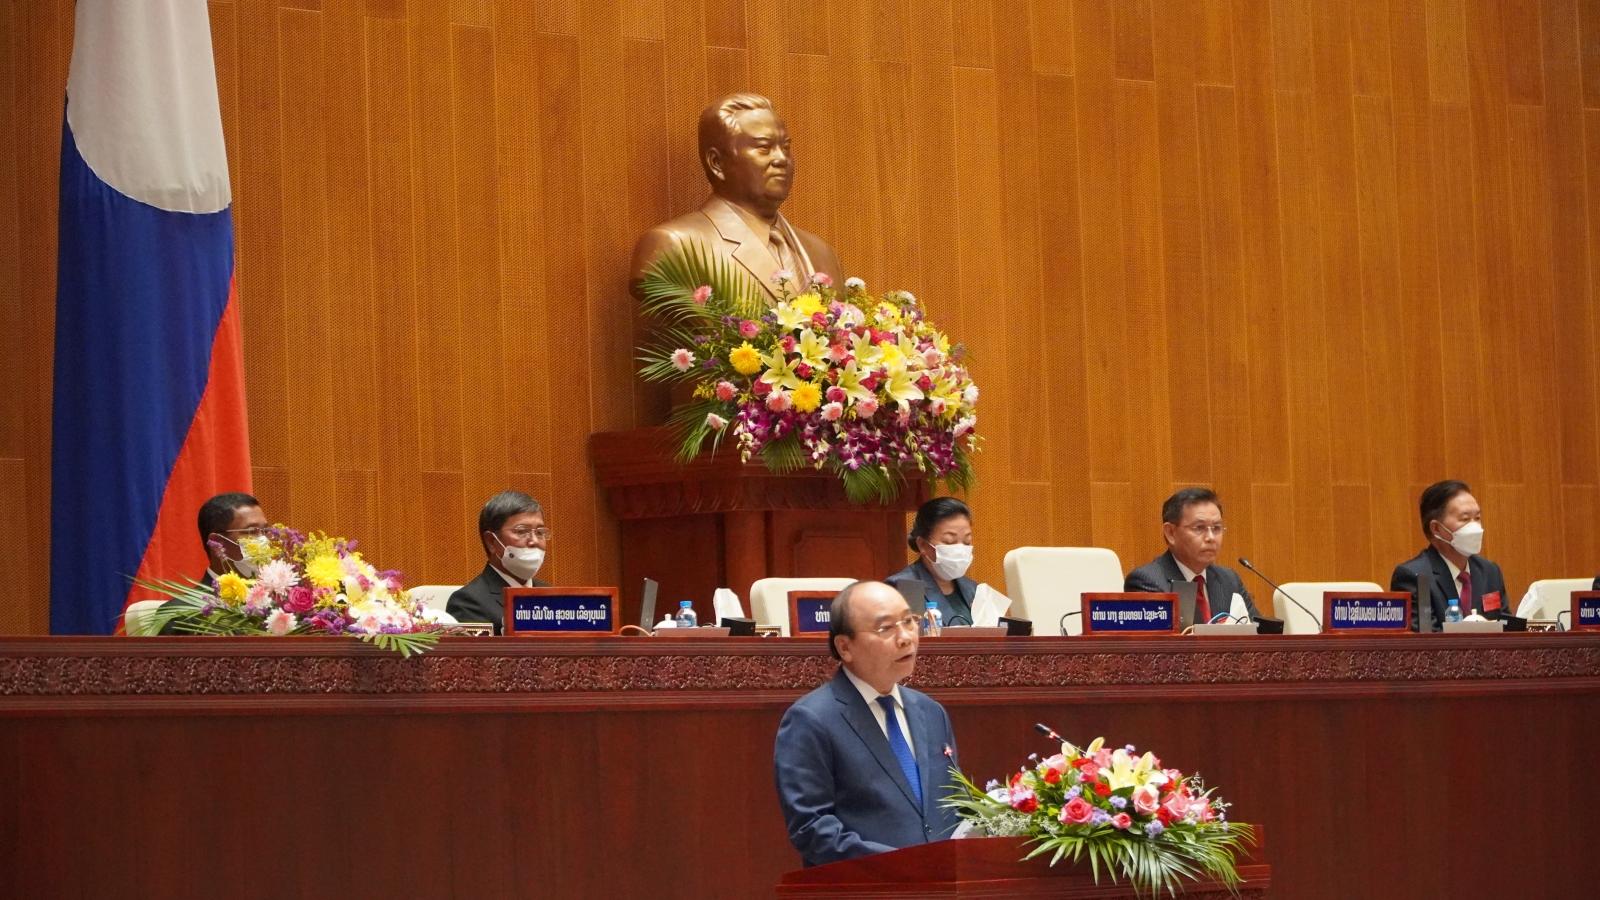 Chủ tịch nước Nguyễn Xuân Phúc phát biểu tại Quốc hội Lào